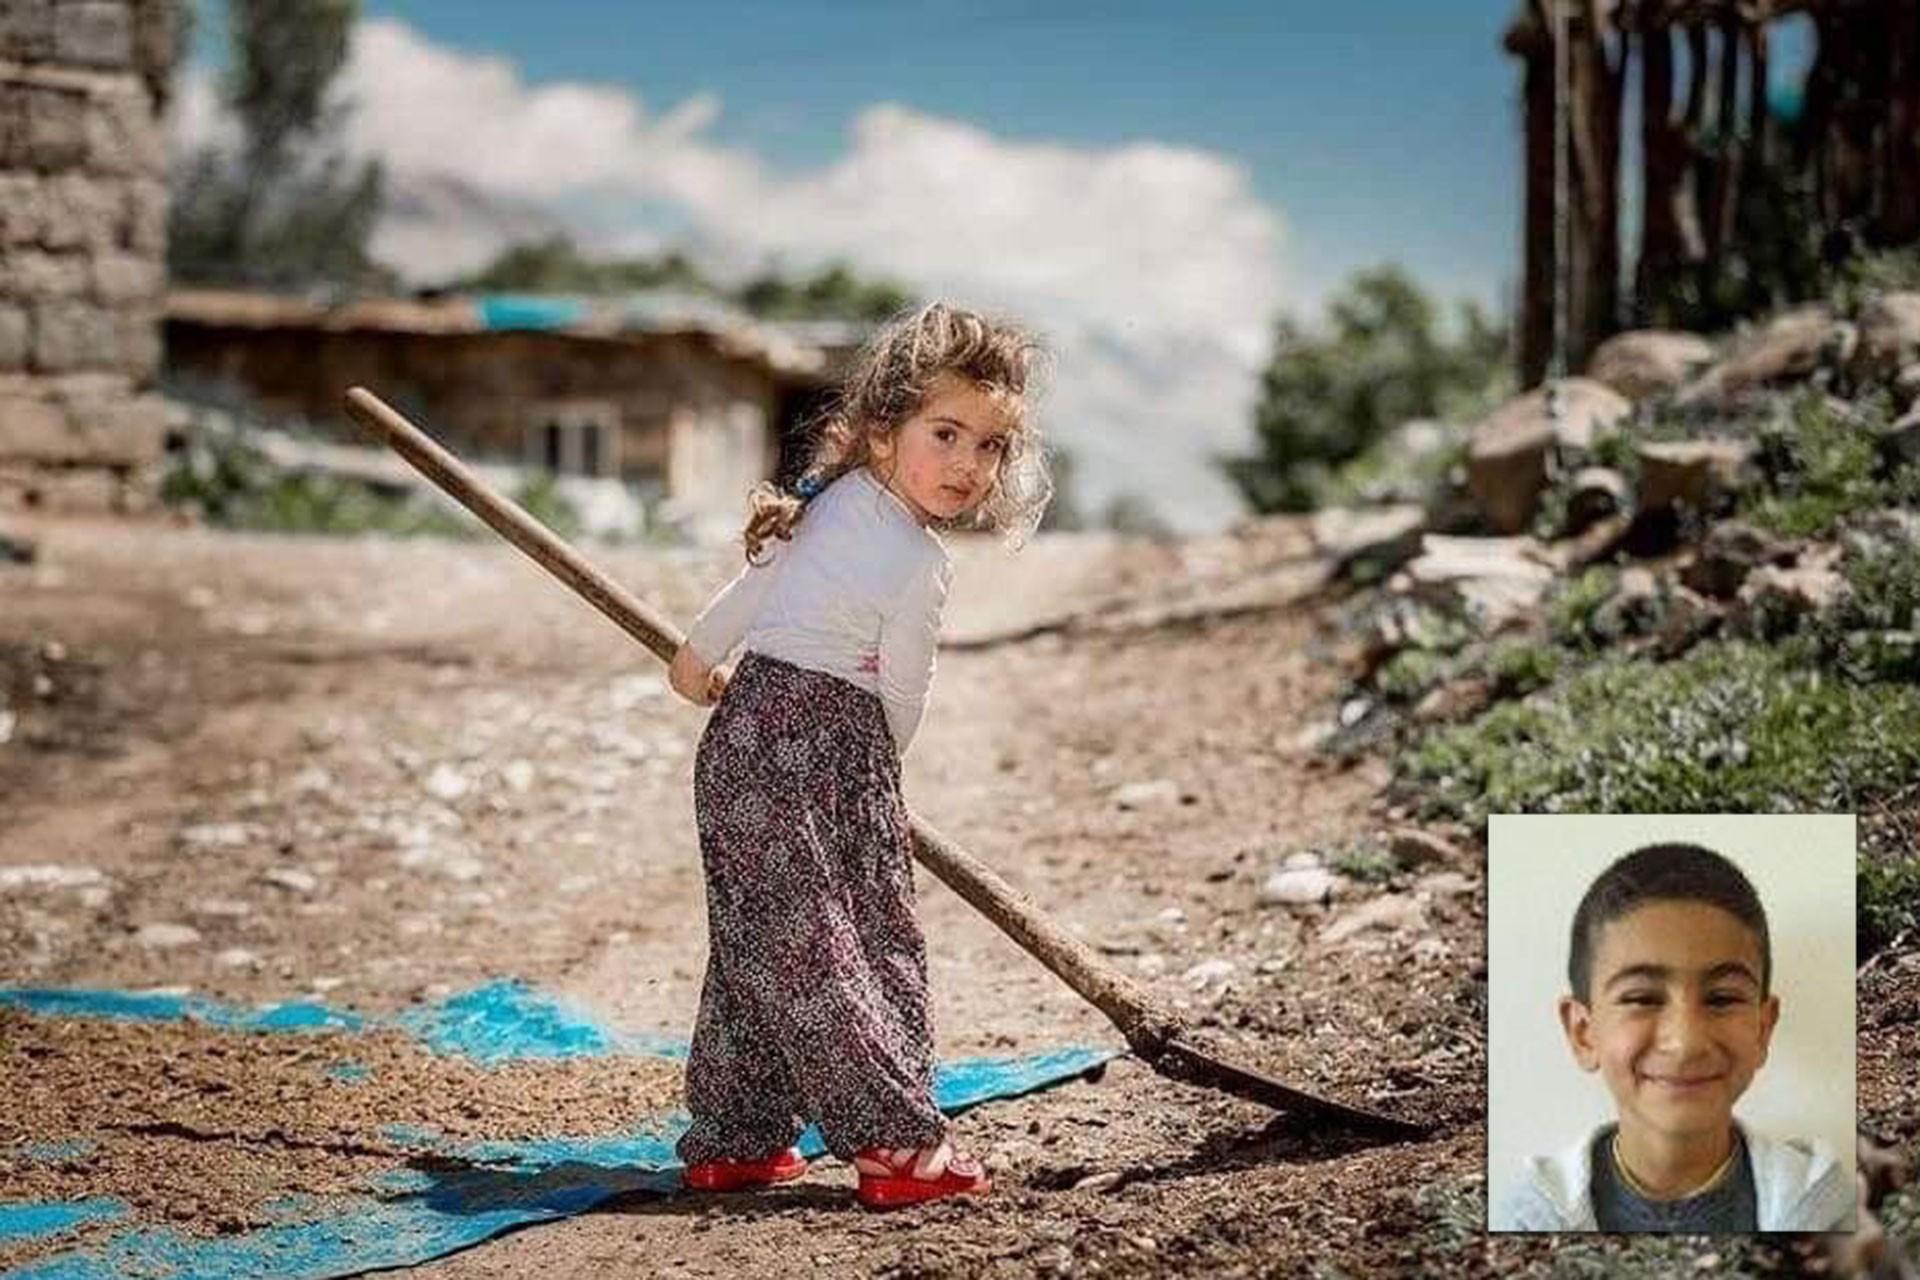 Ovacık'ta patlayıcıya basarak yaşamını yitiren 2 çocuk toprağa verildi